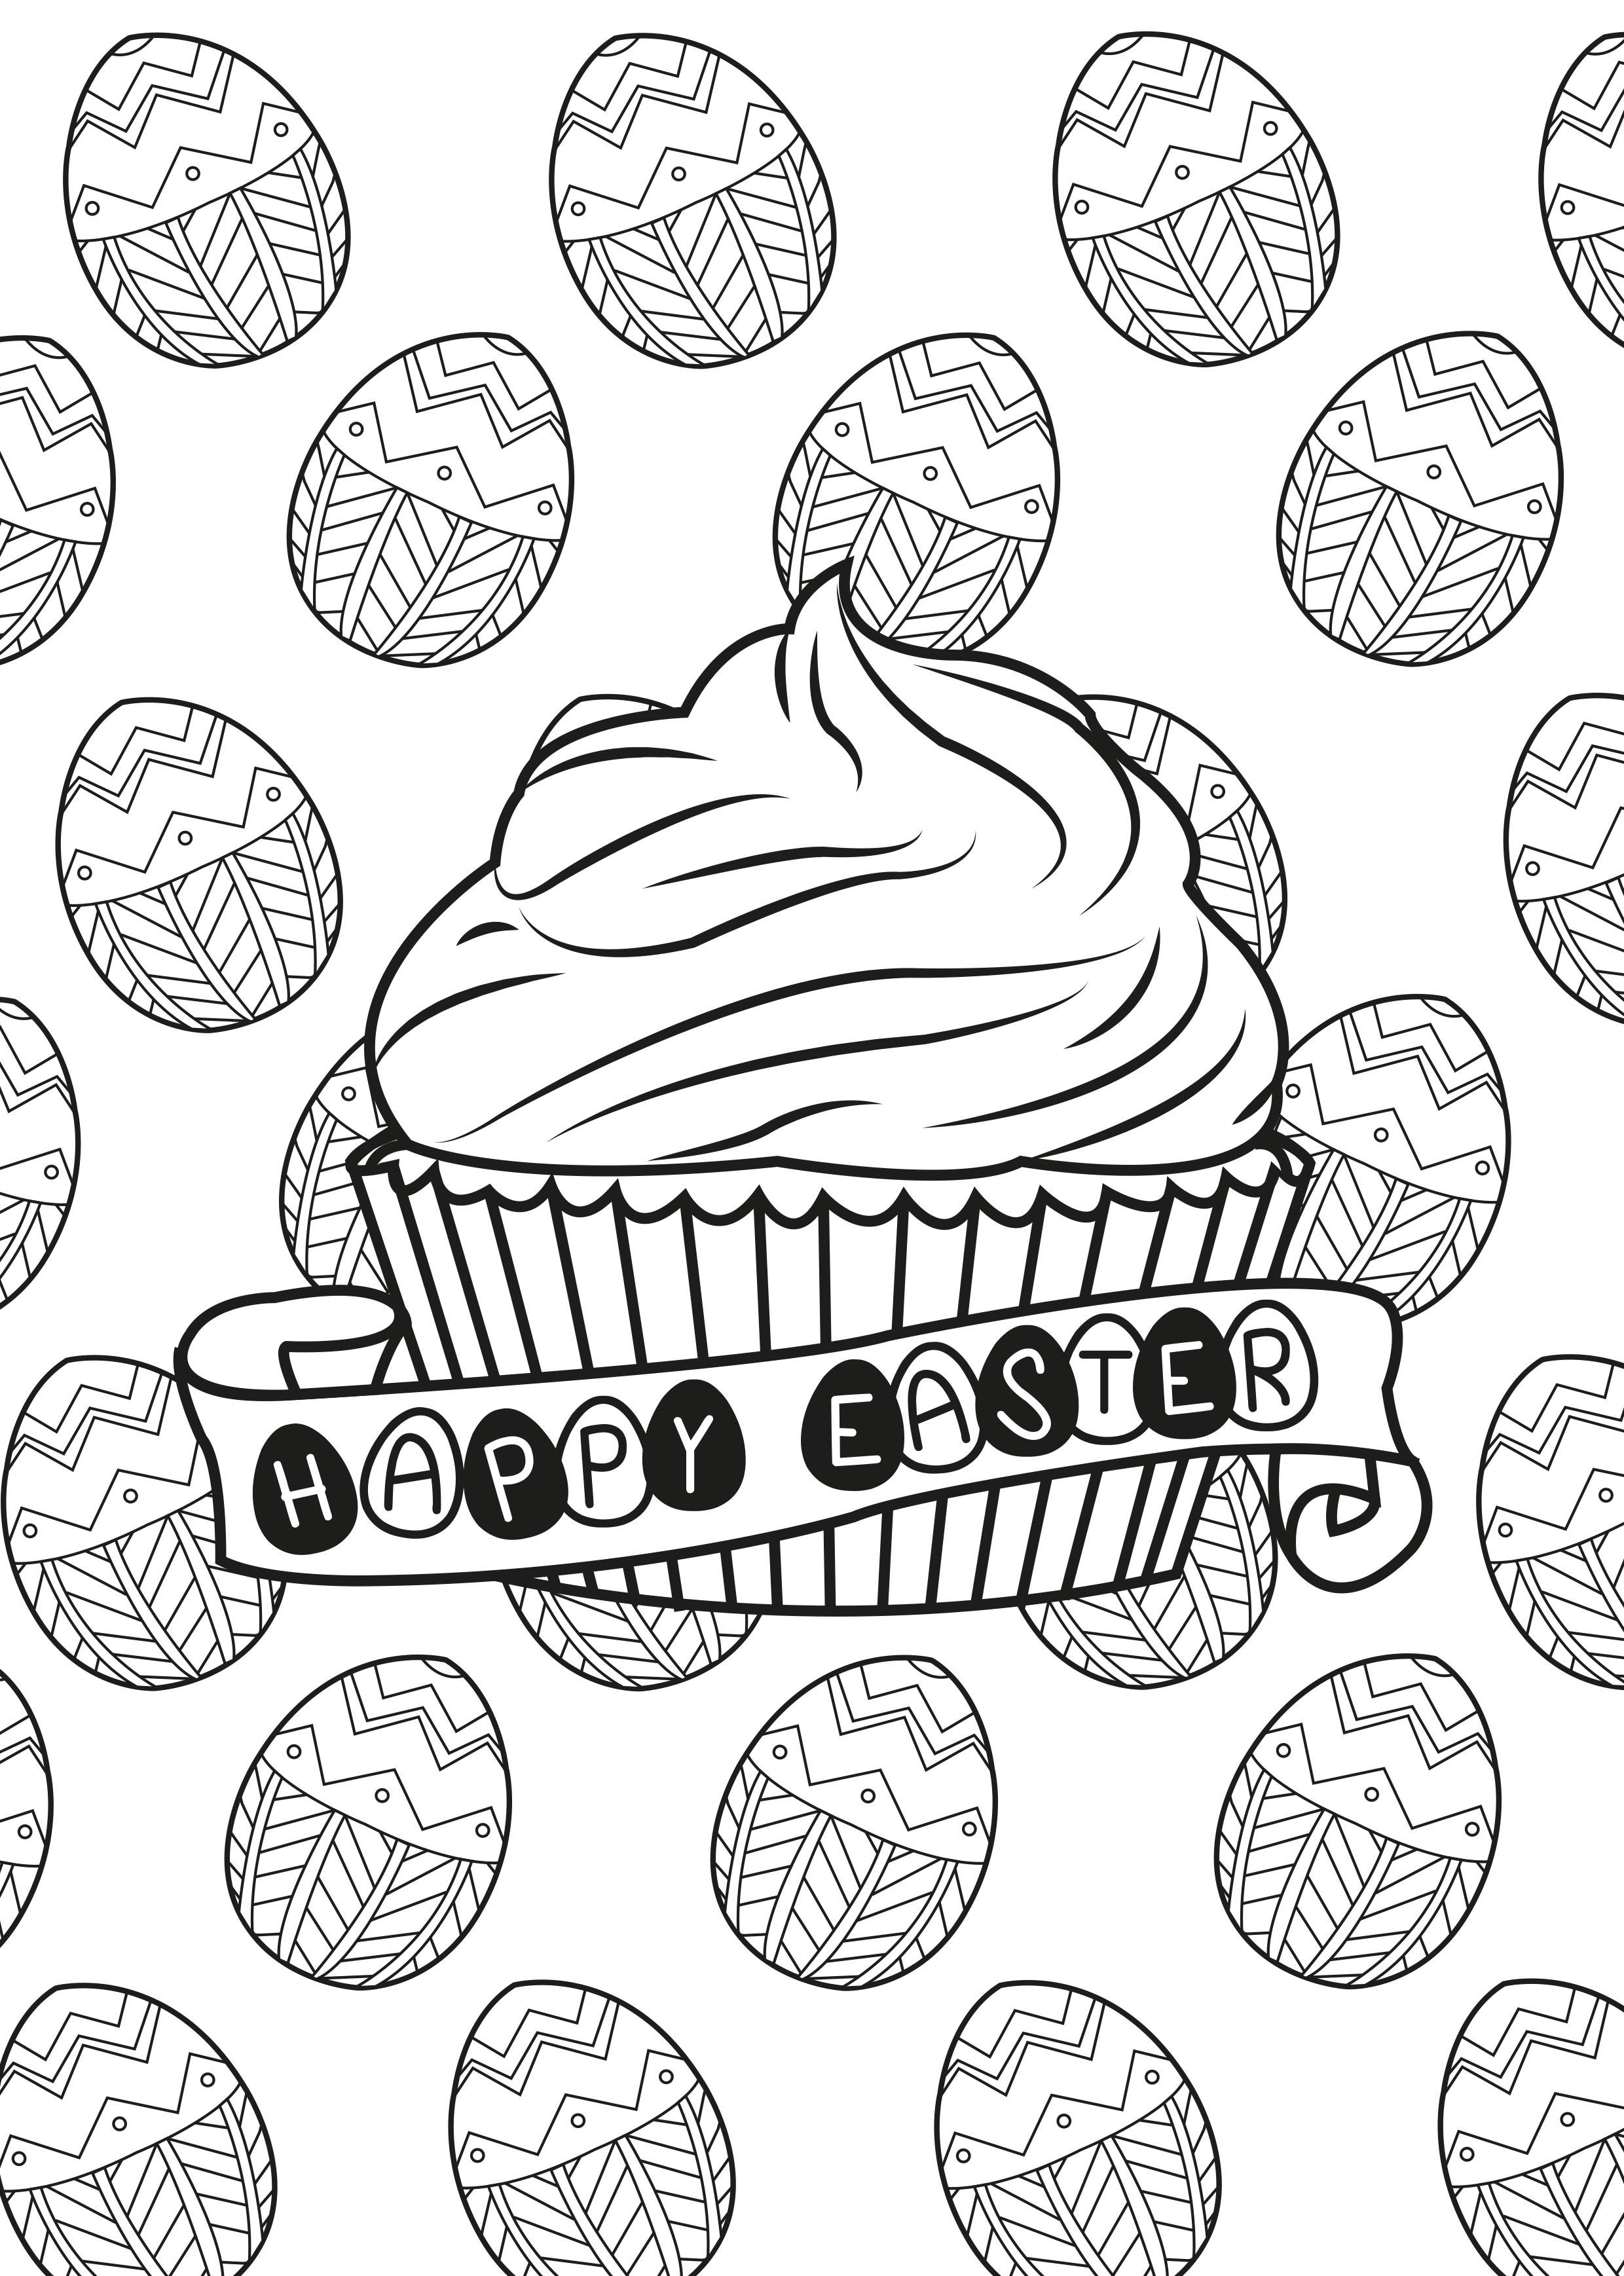 Colorear para adultos  : Cupcakes - 27